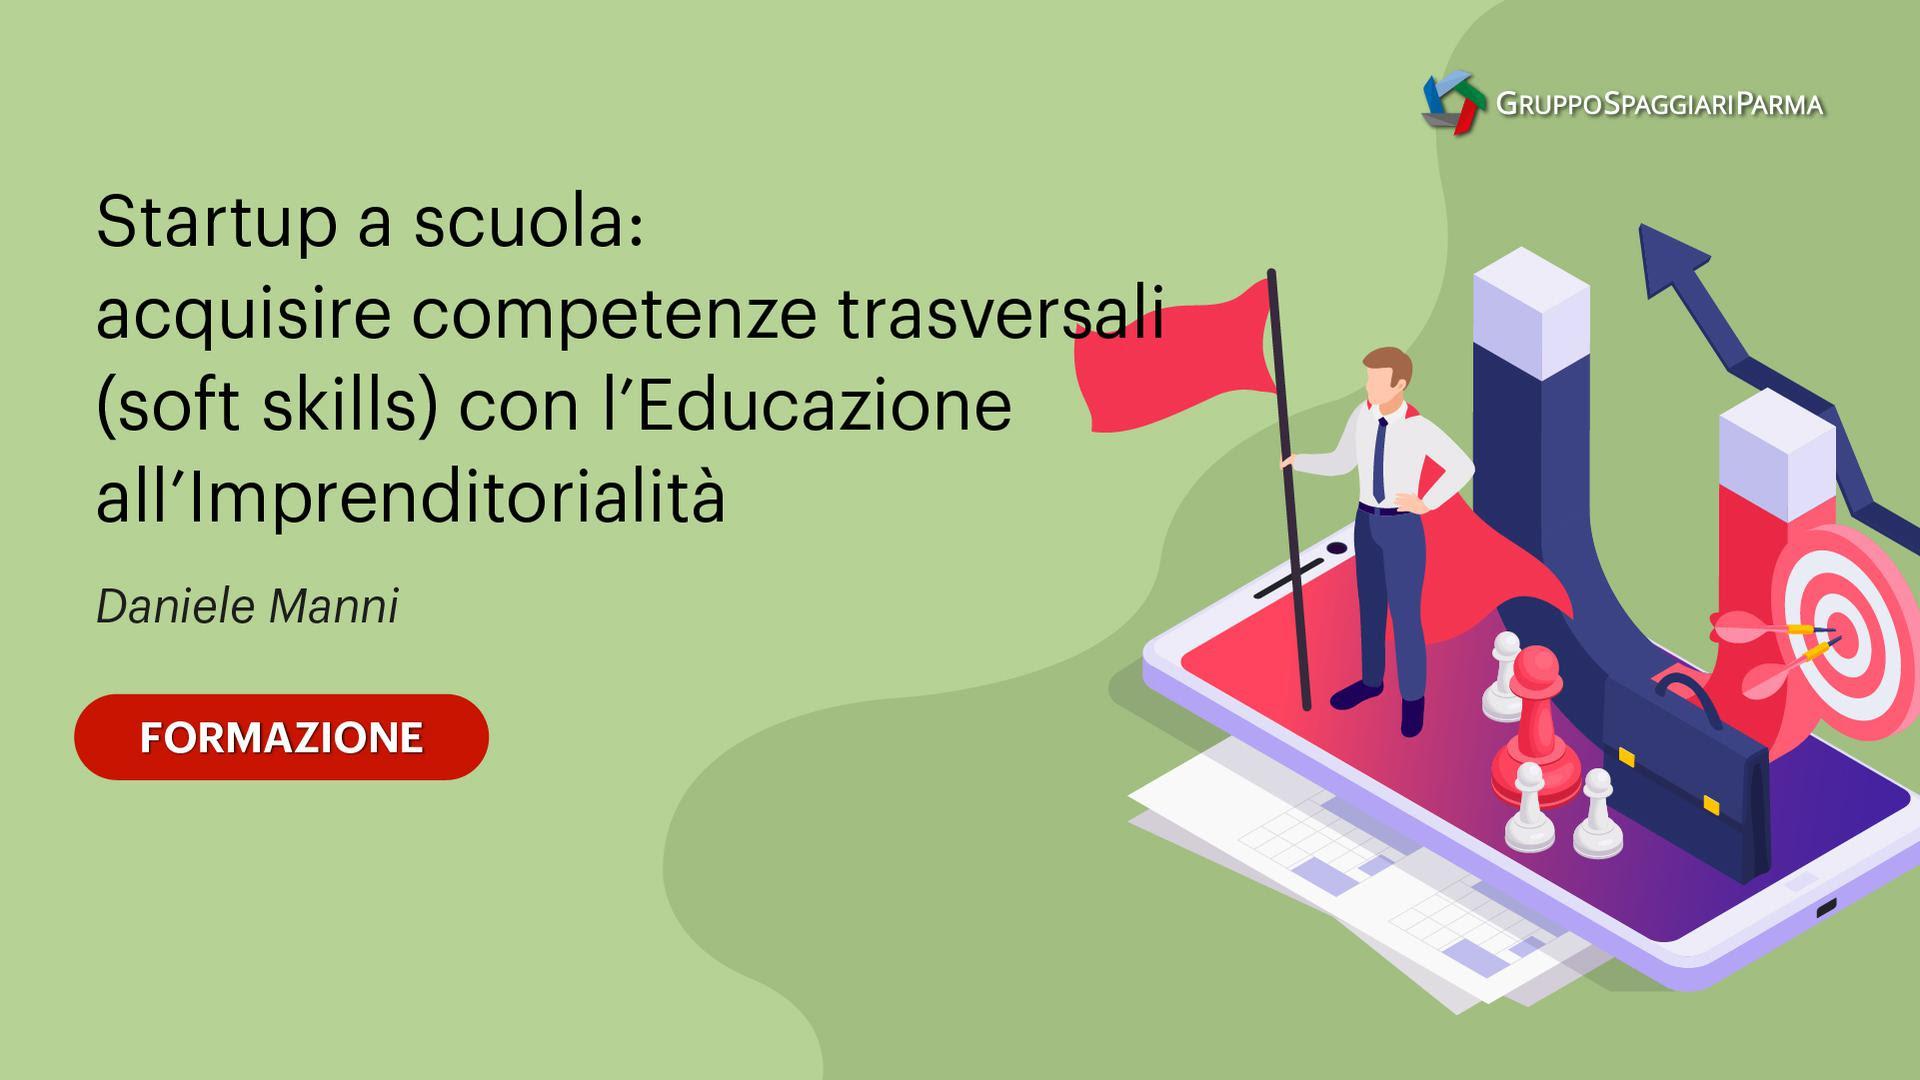 Startup a scuola